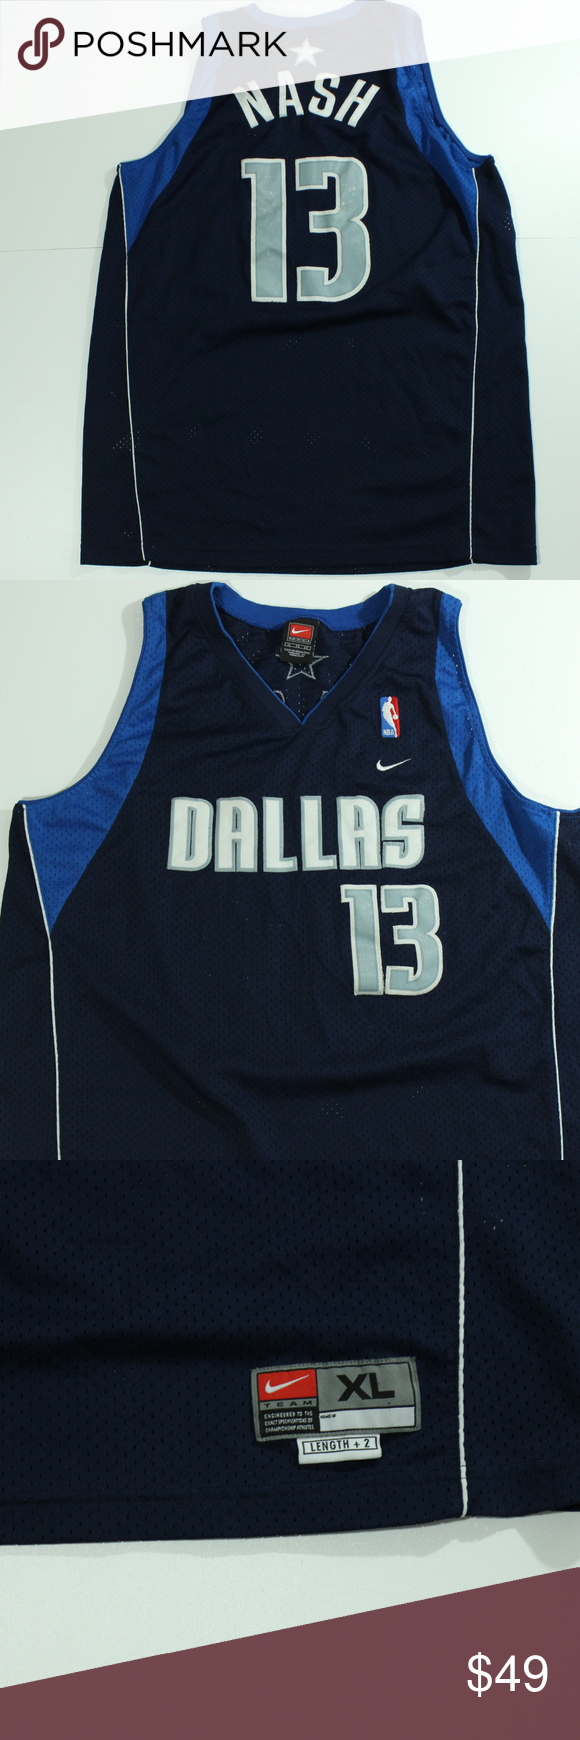 info for f2af8 dc907 VTG Nike Dallas Mavericks Jersey Steve NASH #13 XL VTG Nike ...